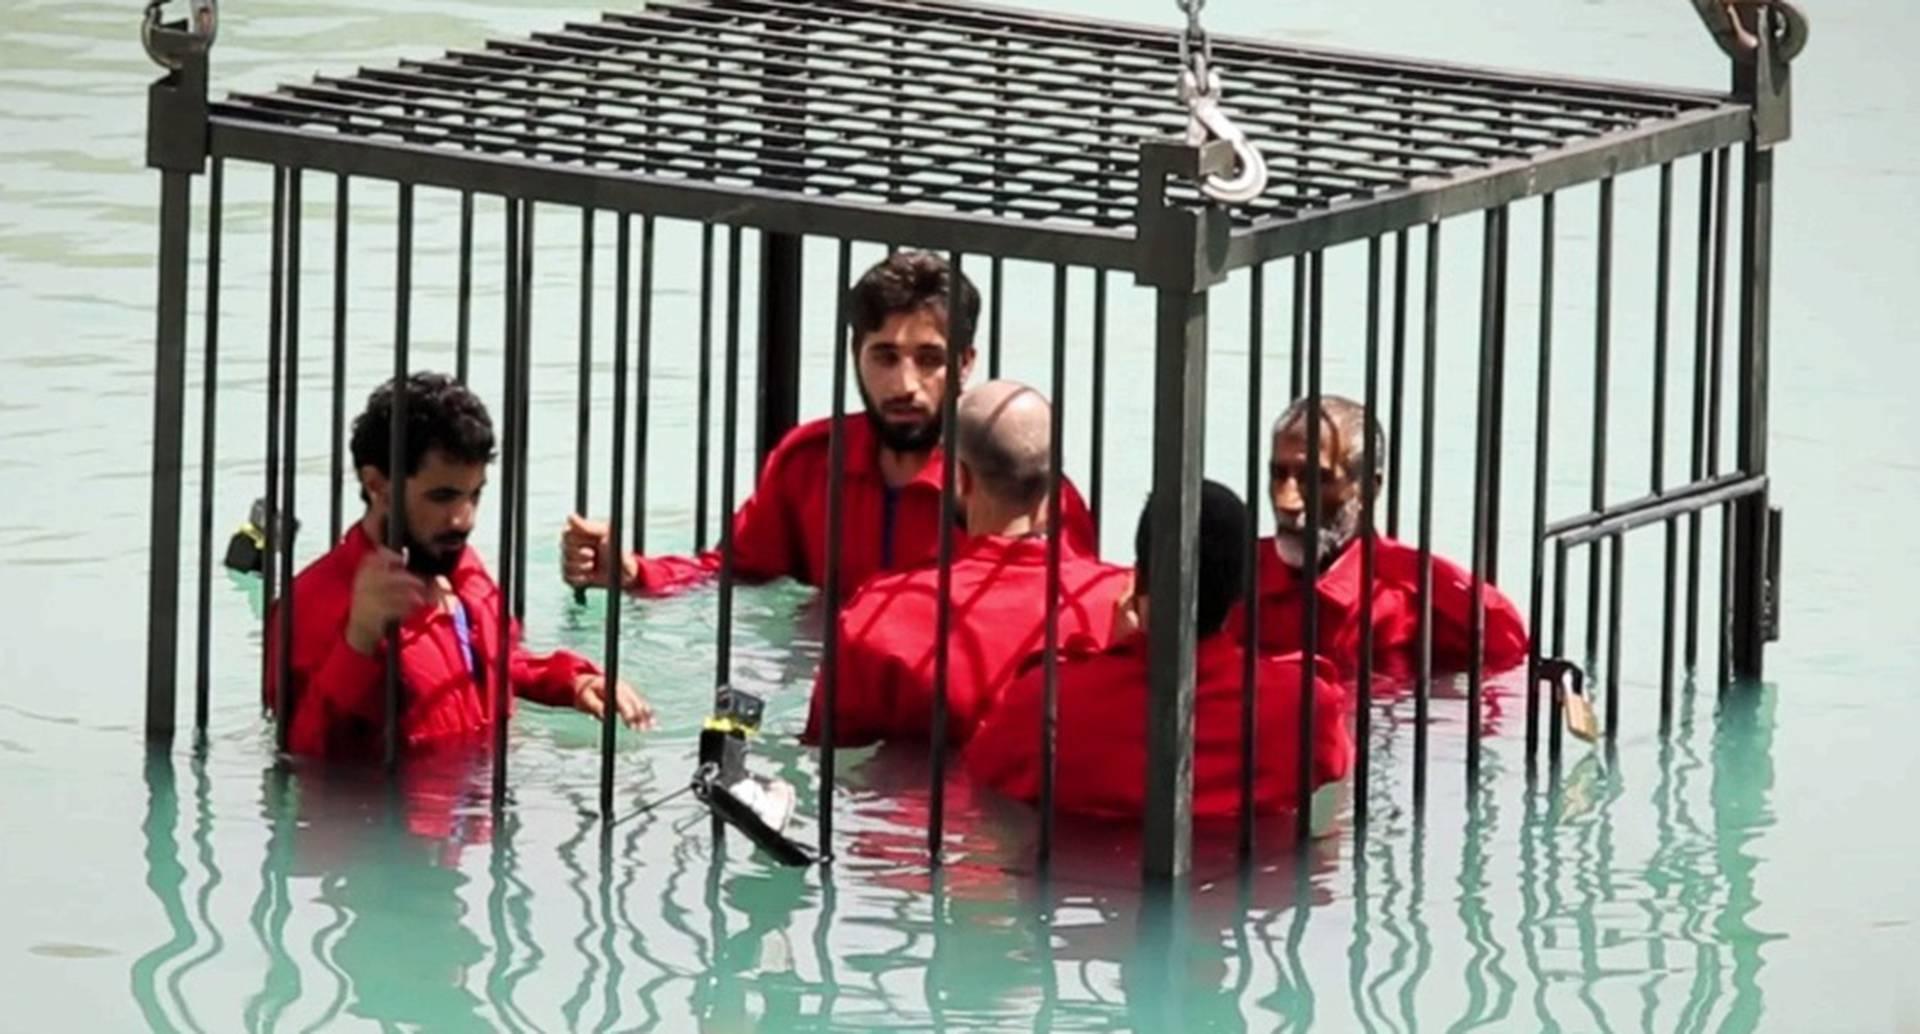 El momento en que cinco hombres encerrados en una jaula son lentamente hundidos en una piscina en la ciudad de Mosul, en Irak.